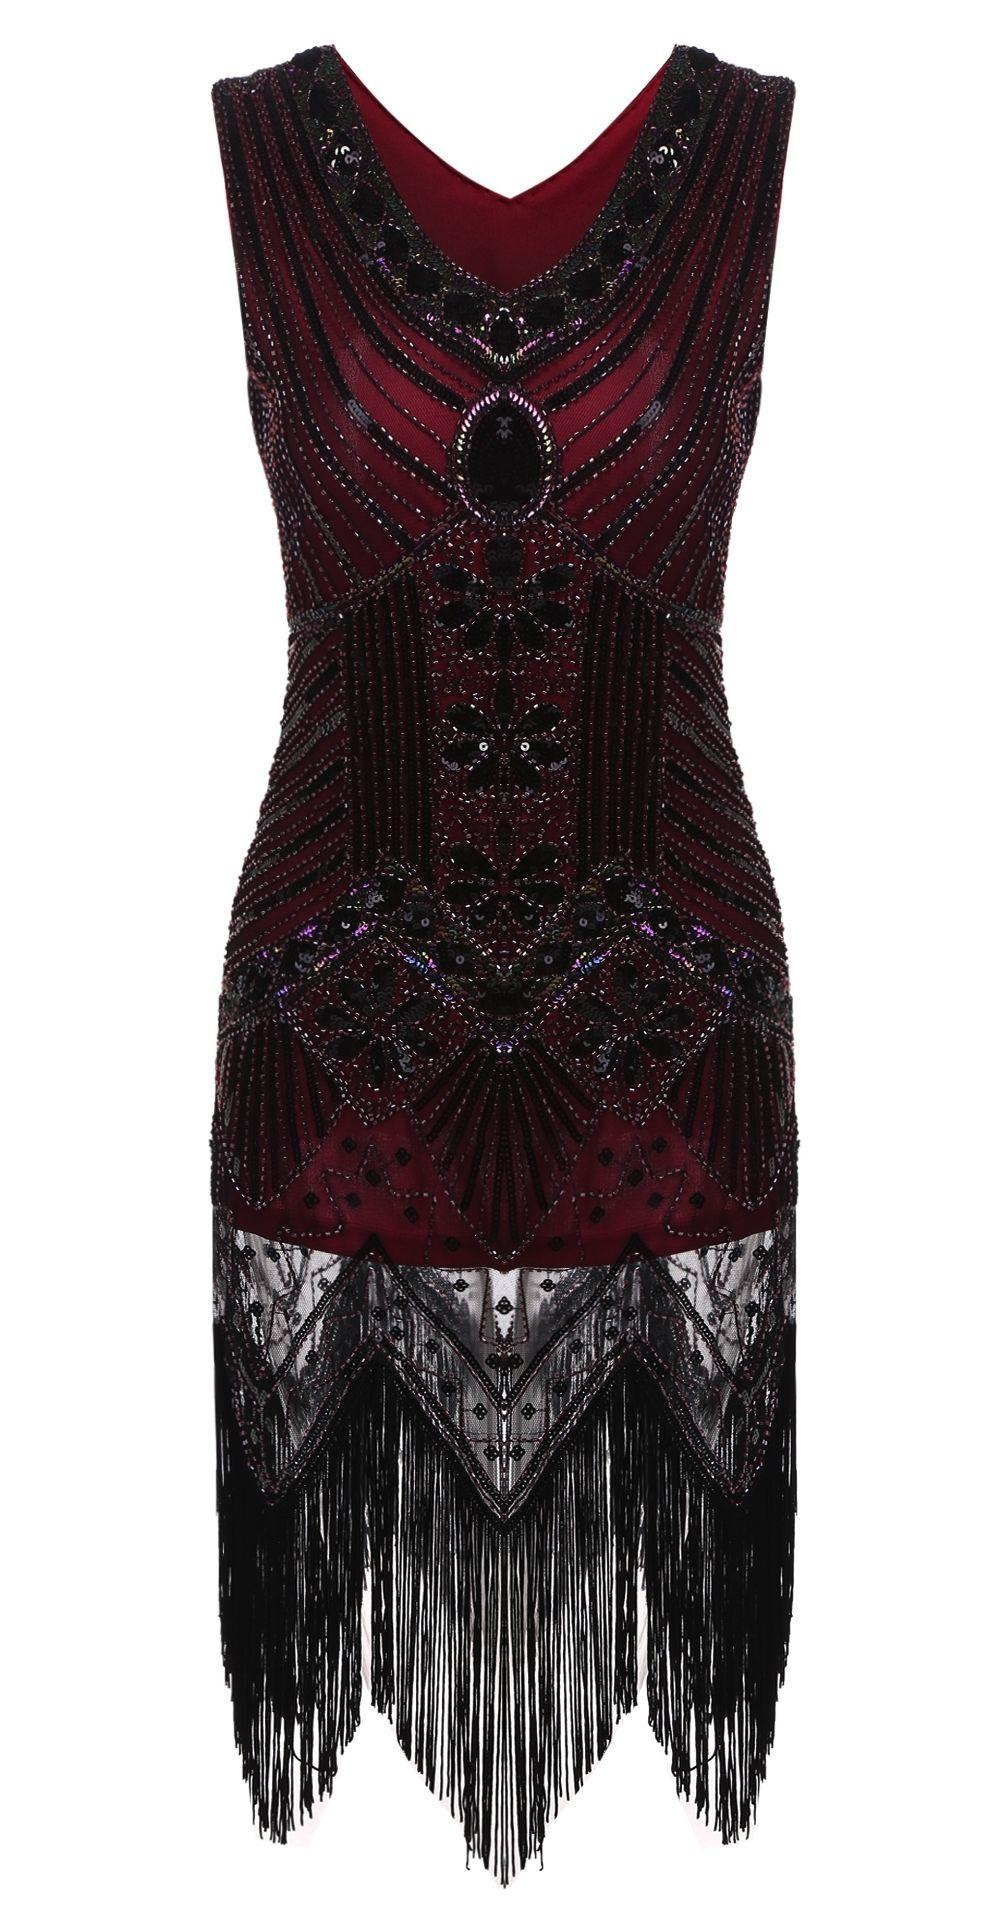 314c85ef Vintage1920s Style Slim Package Hip V Neck Tassel Sequined Flapper Party  Dress